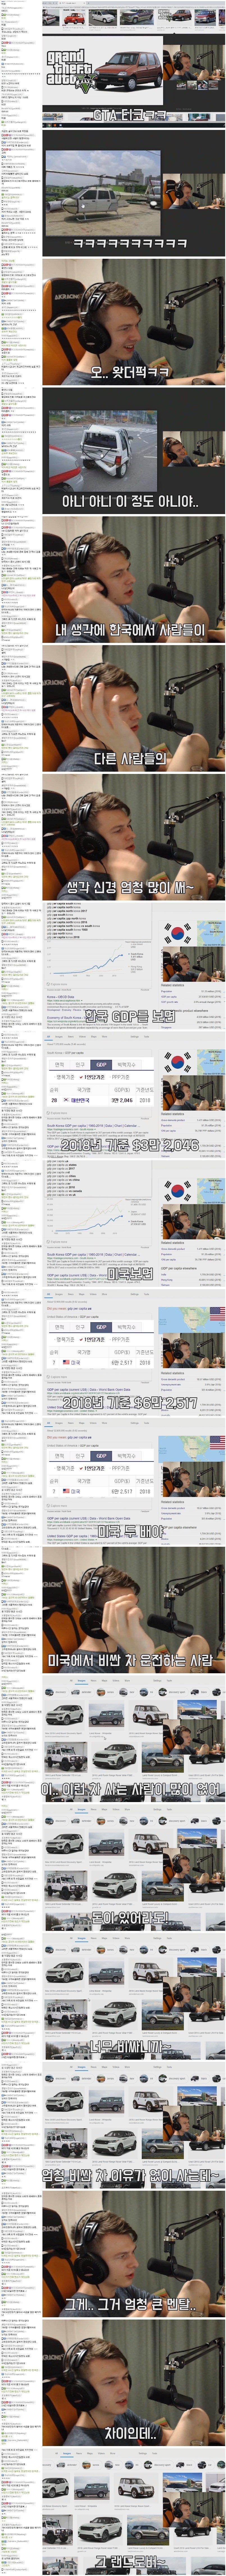 """t3.jpg """"한국 사람들은 왜 비싼 차를 사는거야?"""" (데이터주의)"""